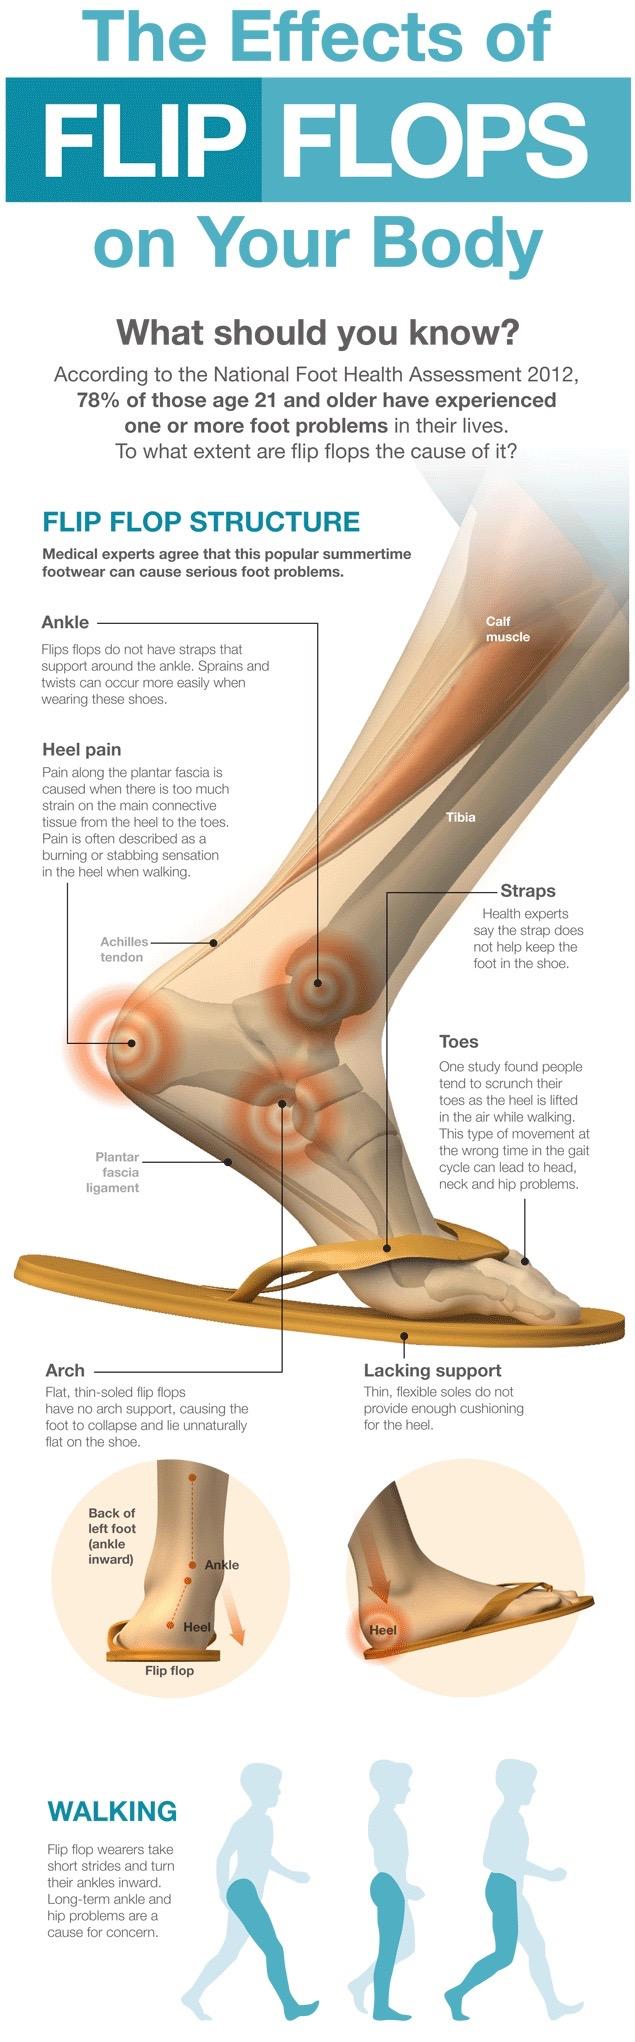 Effects of Flip Flops